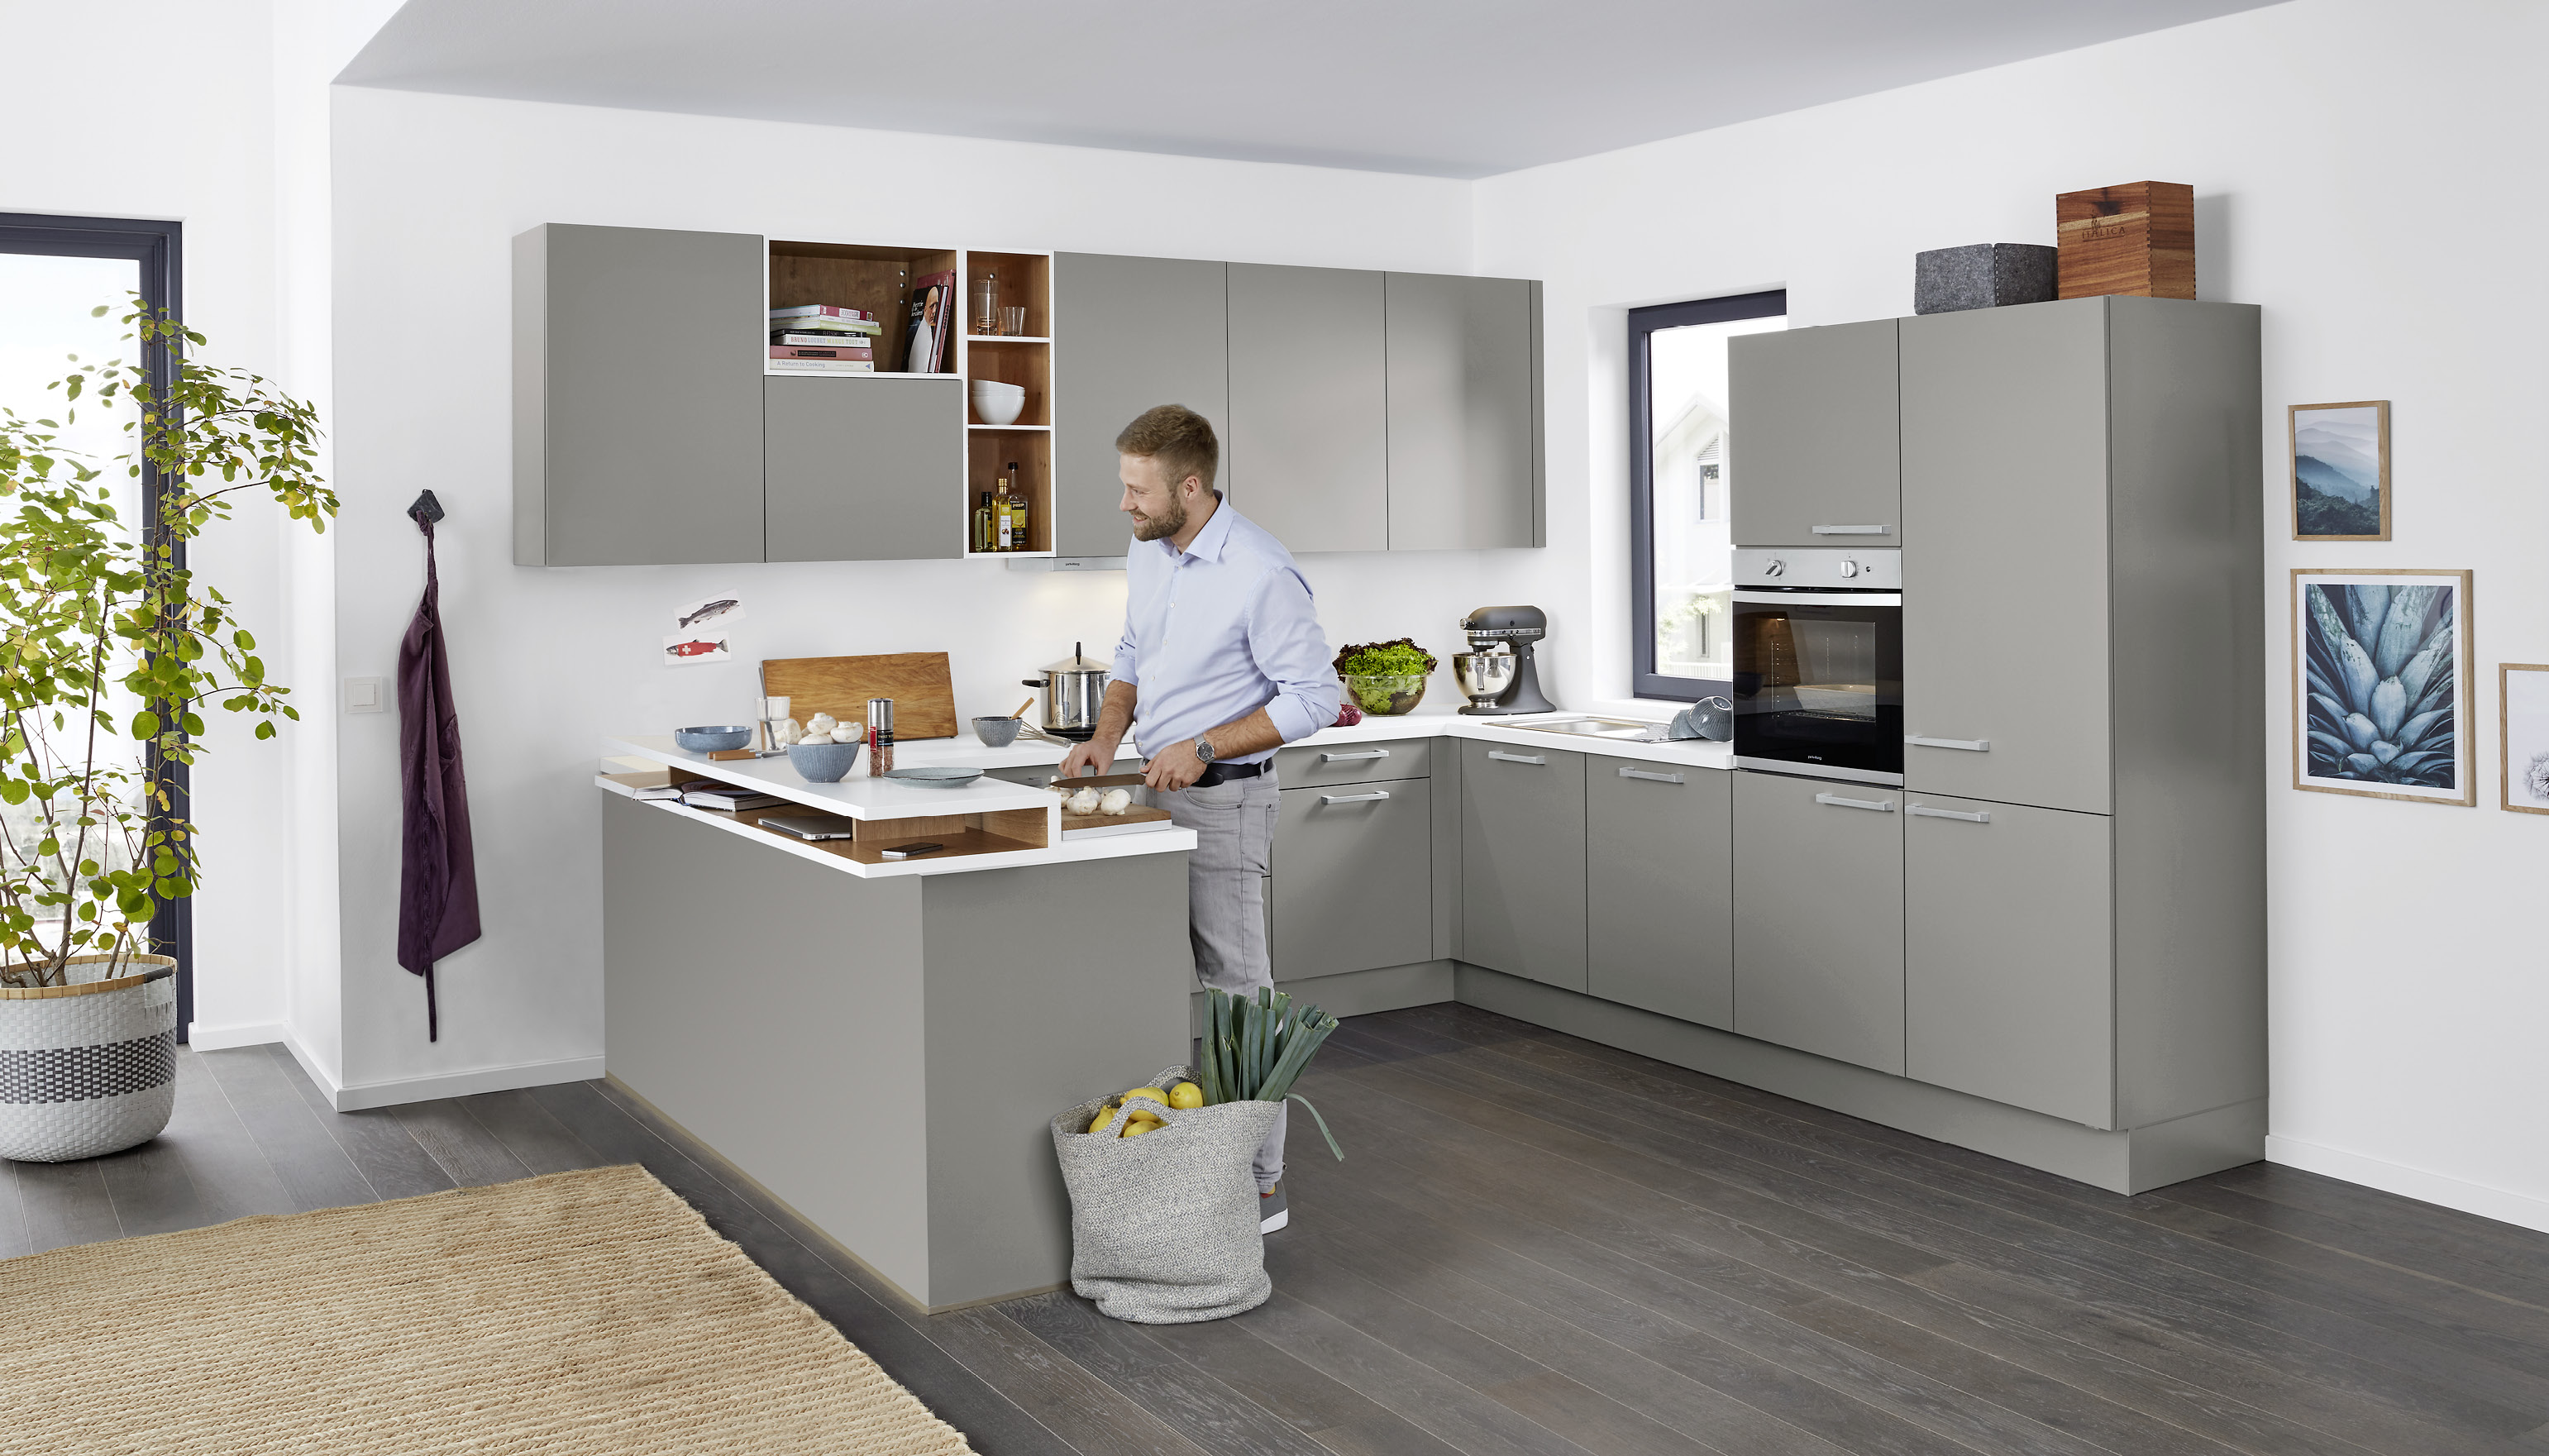 Ziemlich Küche Mit Großer Insel Ideen - Küche Set Ideen ...